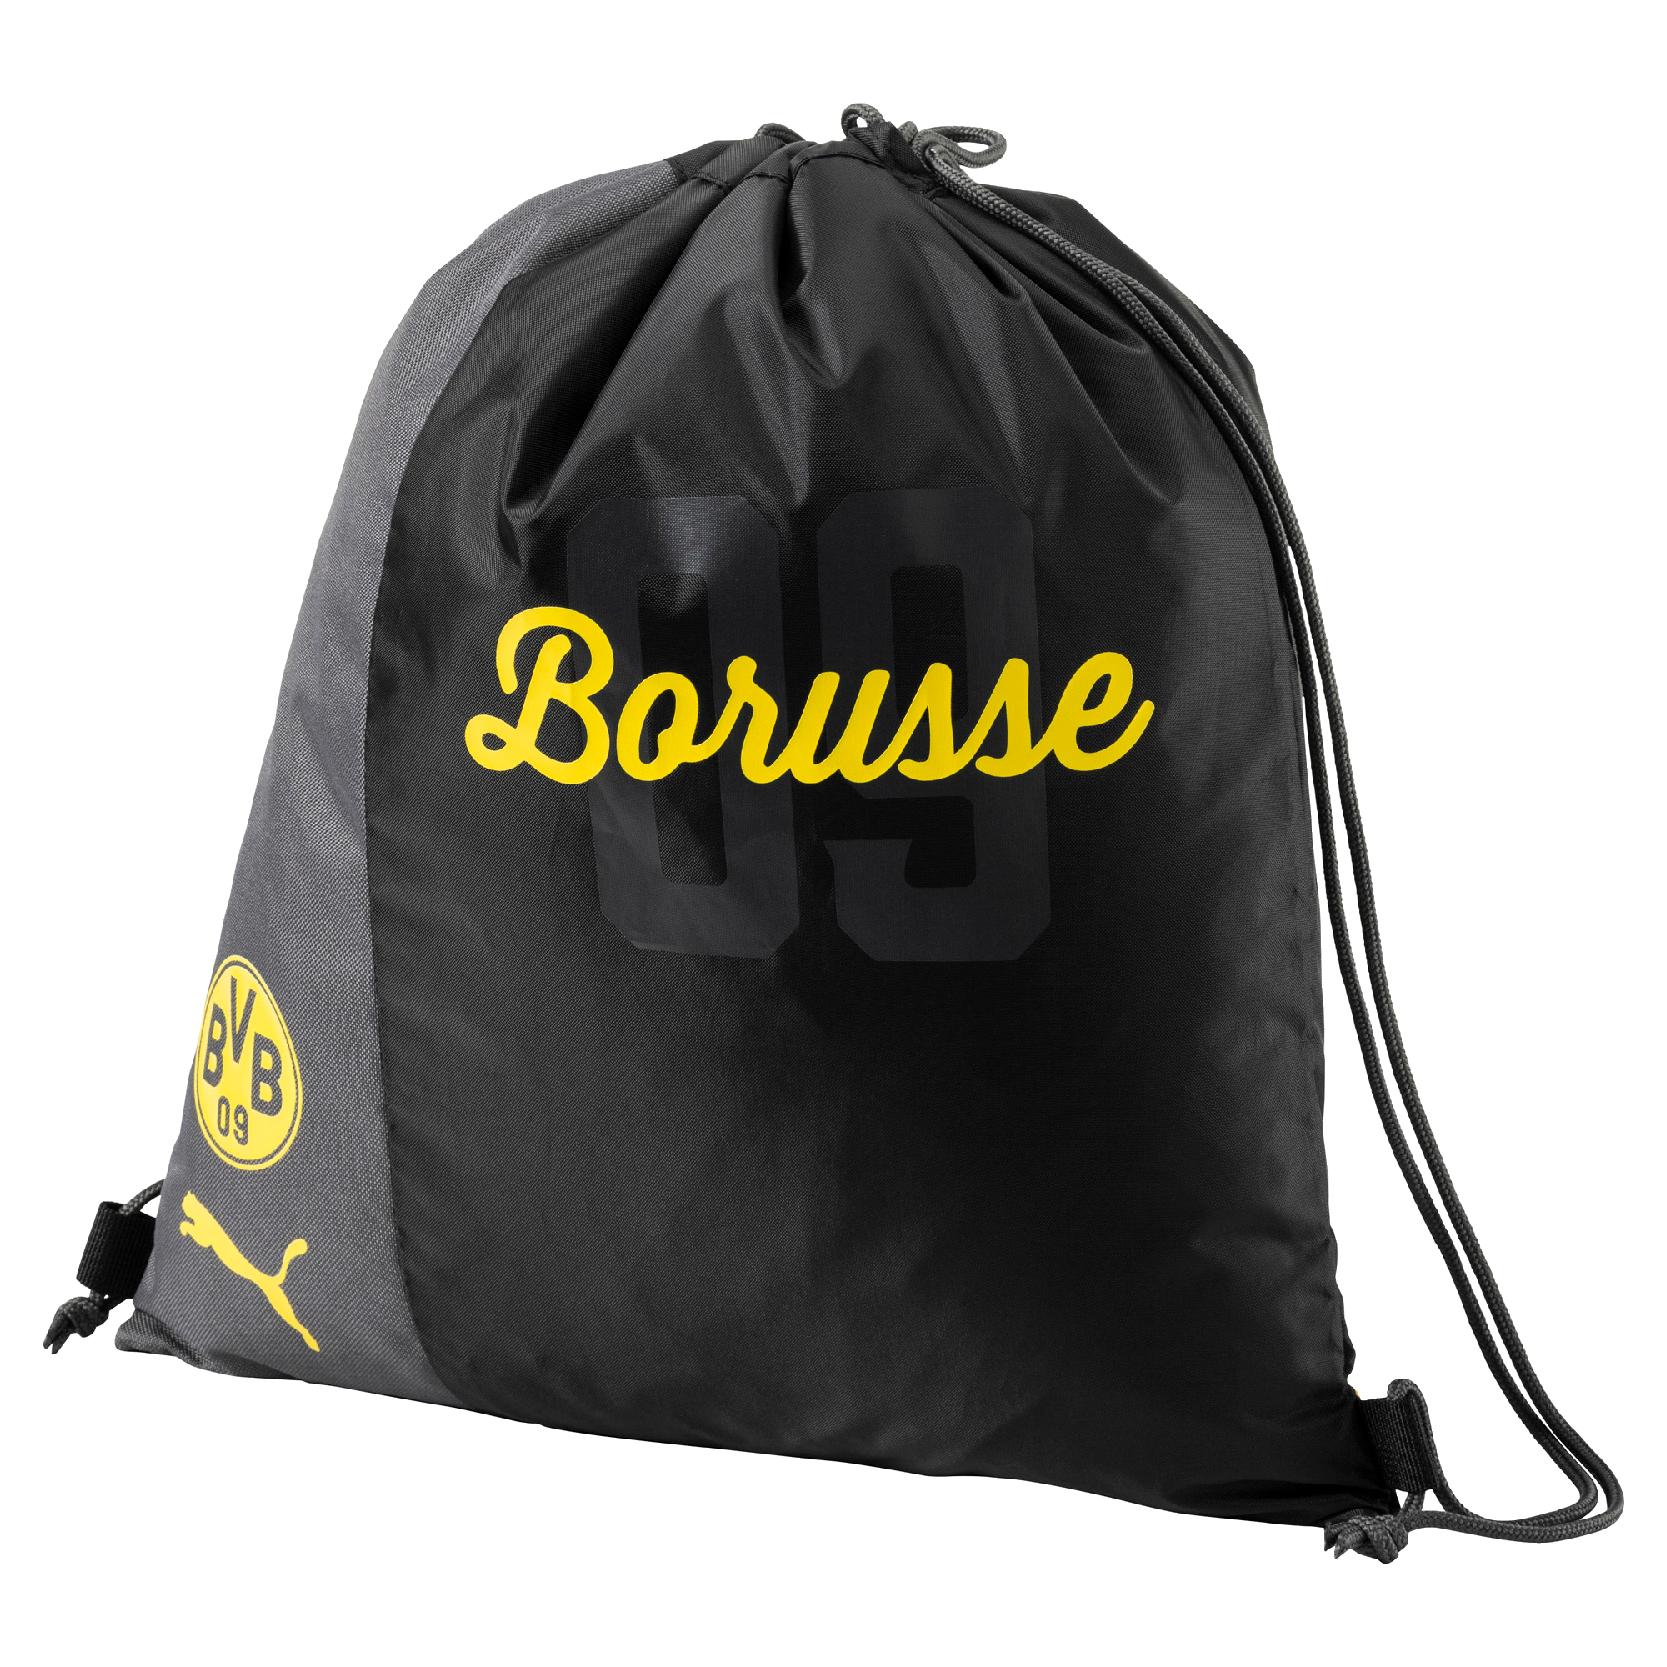 Puma BVB Borussia Dortmund Fanwear Gym Sack Turnbeutel 17/18 - 074935-01